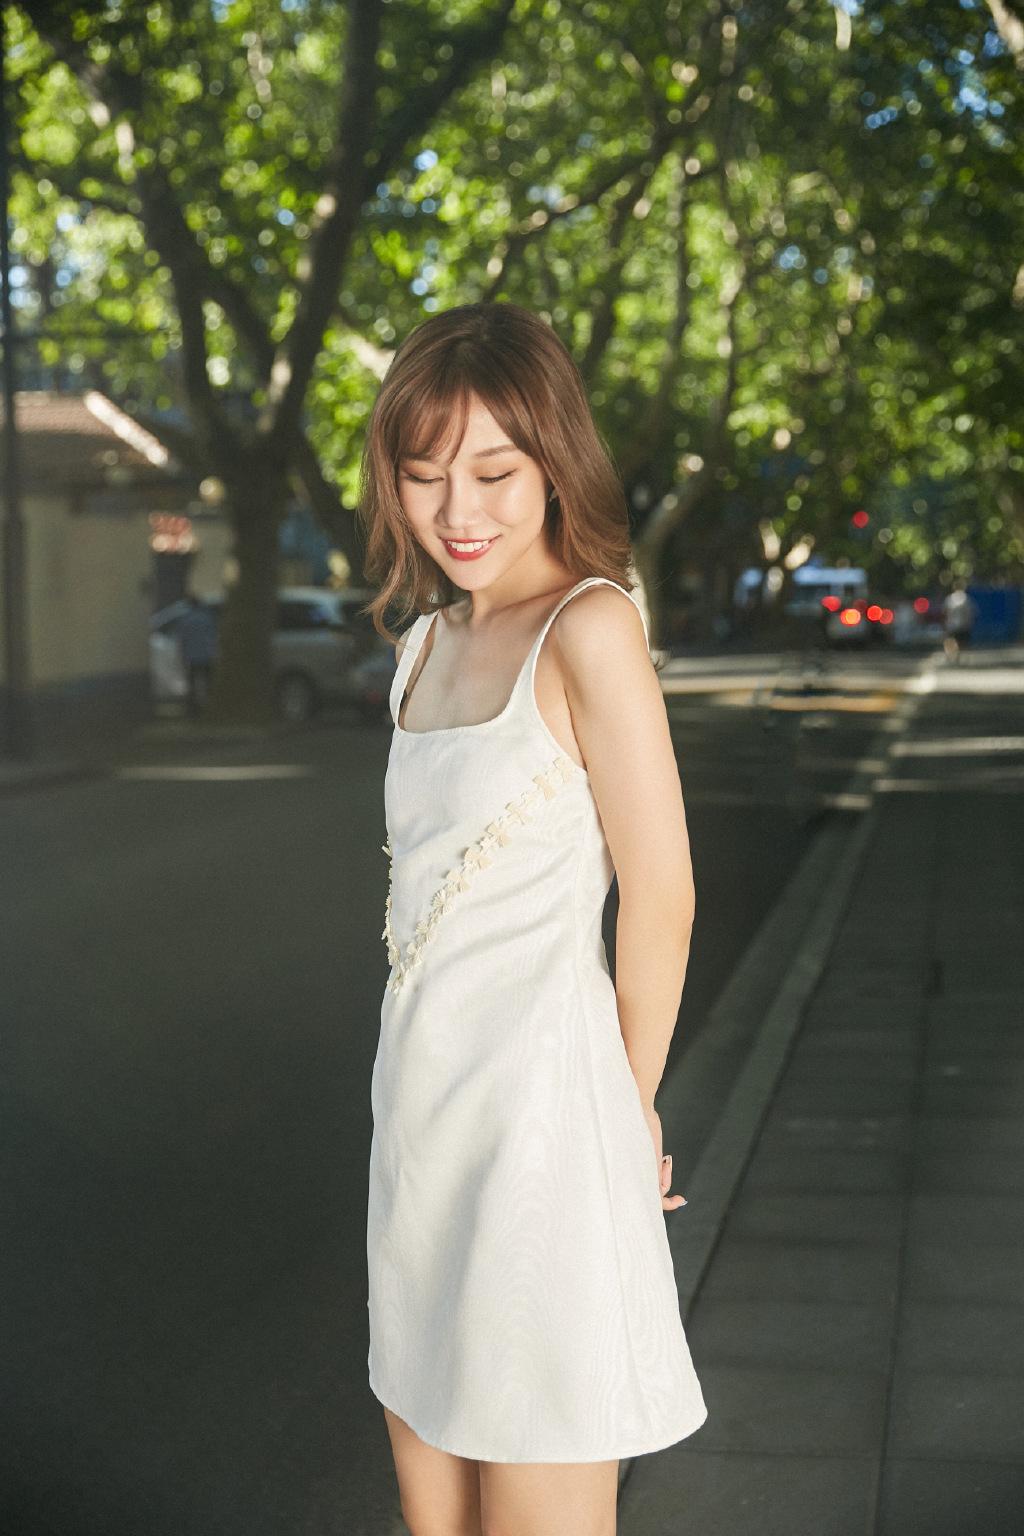 网红深夜徐老师和裤子分手上热搜:为什么相处越久,越难进入婚姻